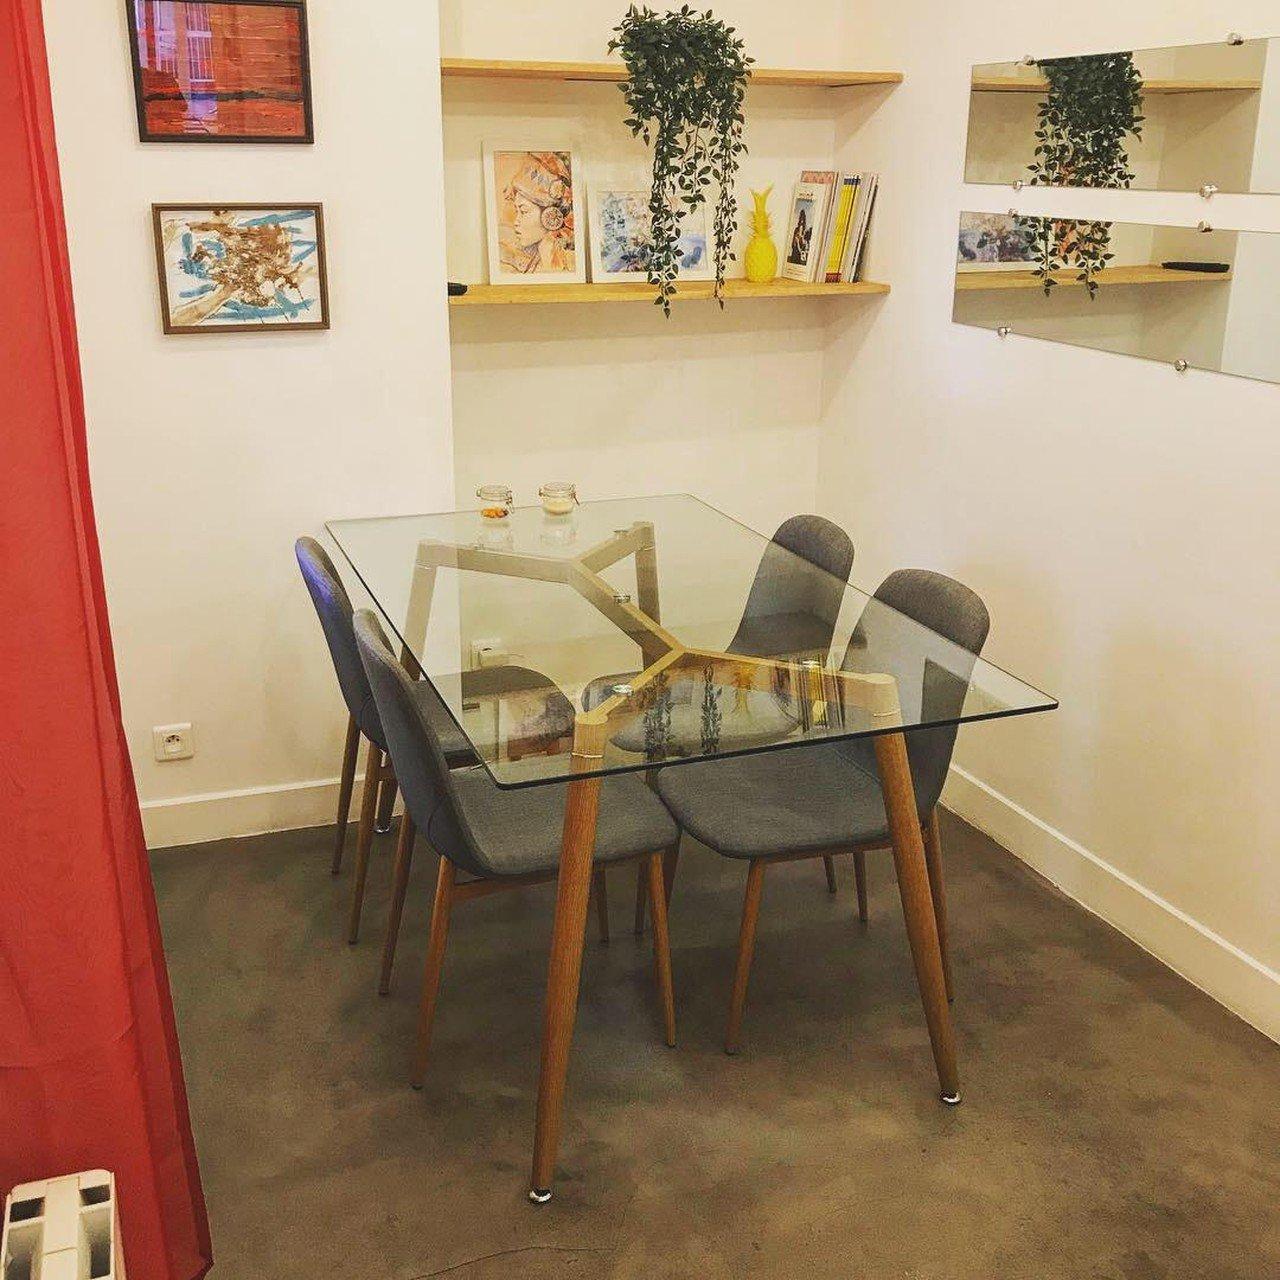 Paris Salles de formation  Salle de réunion Coworkshop - Salle de réunion 4 pers. image 1